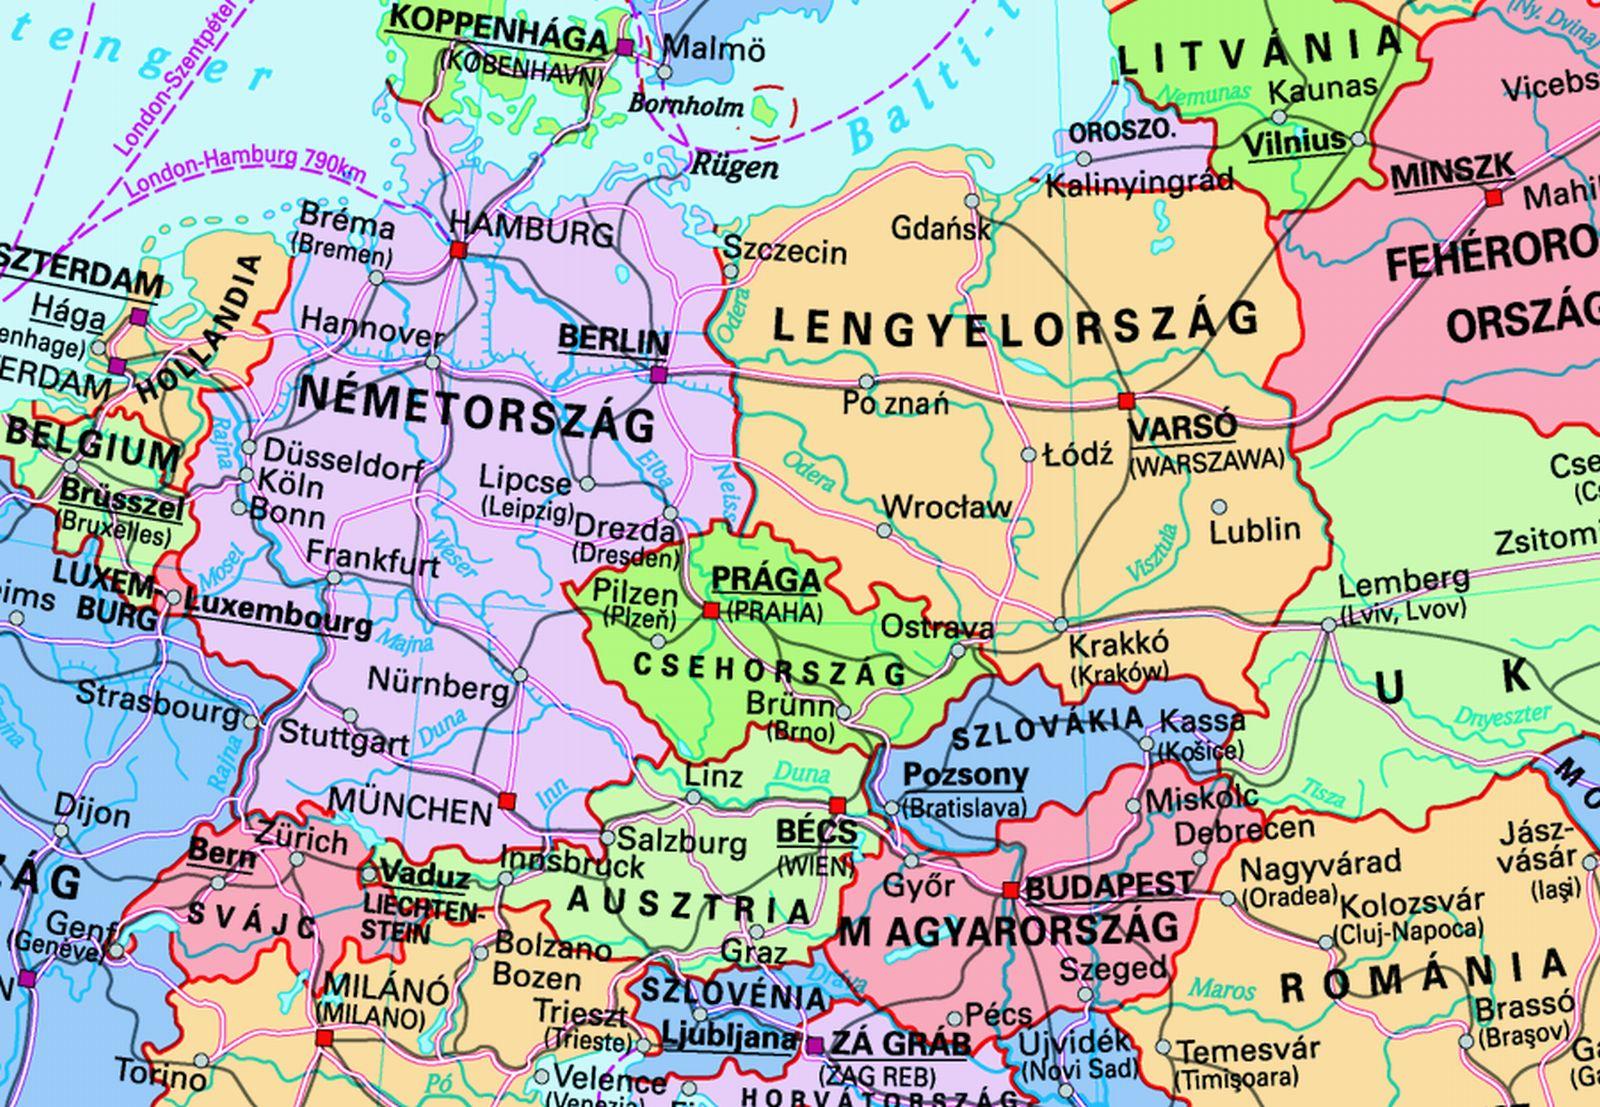 magyarország és szomszédai térkép Közlekedési földrajz | SuliTudásbázis magyarország és szomszédai térkép